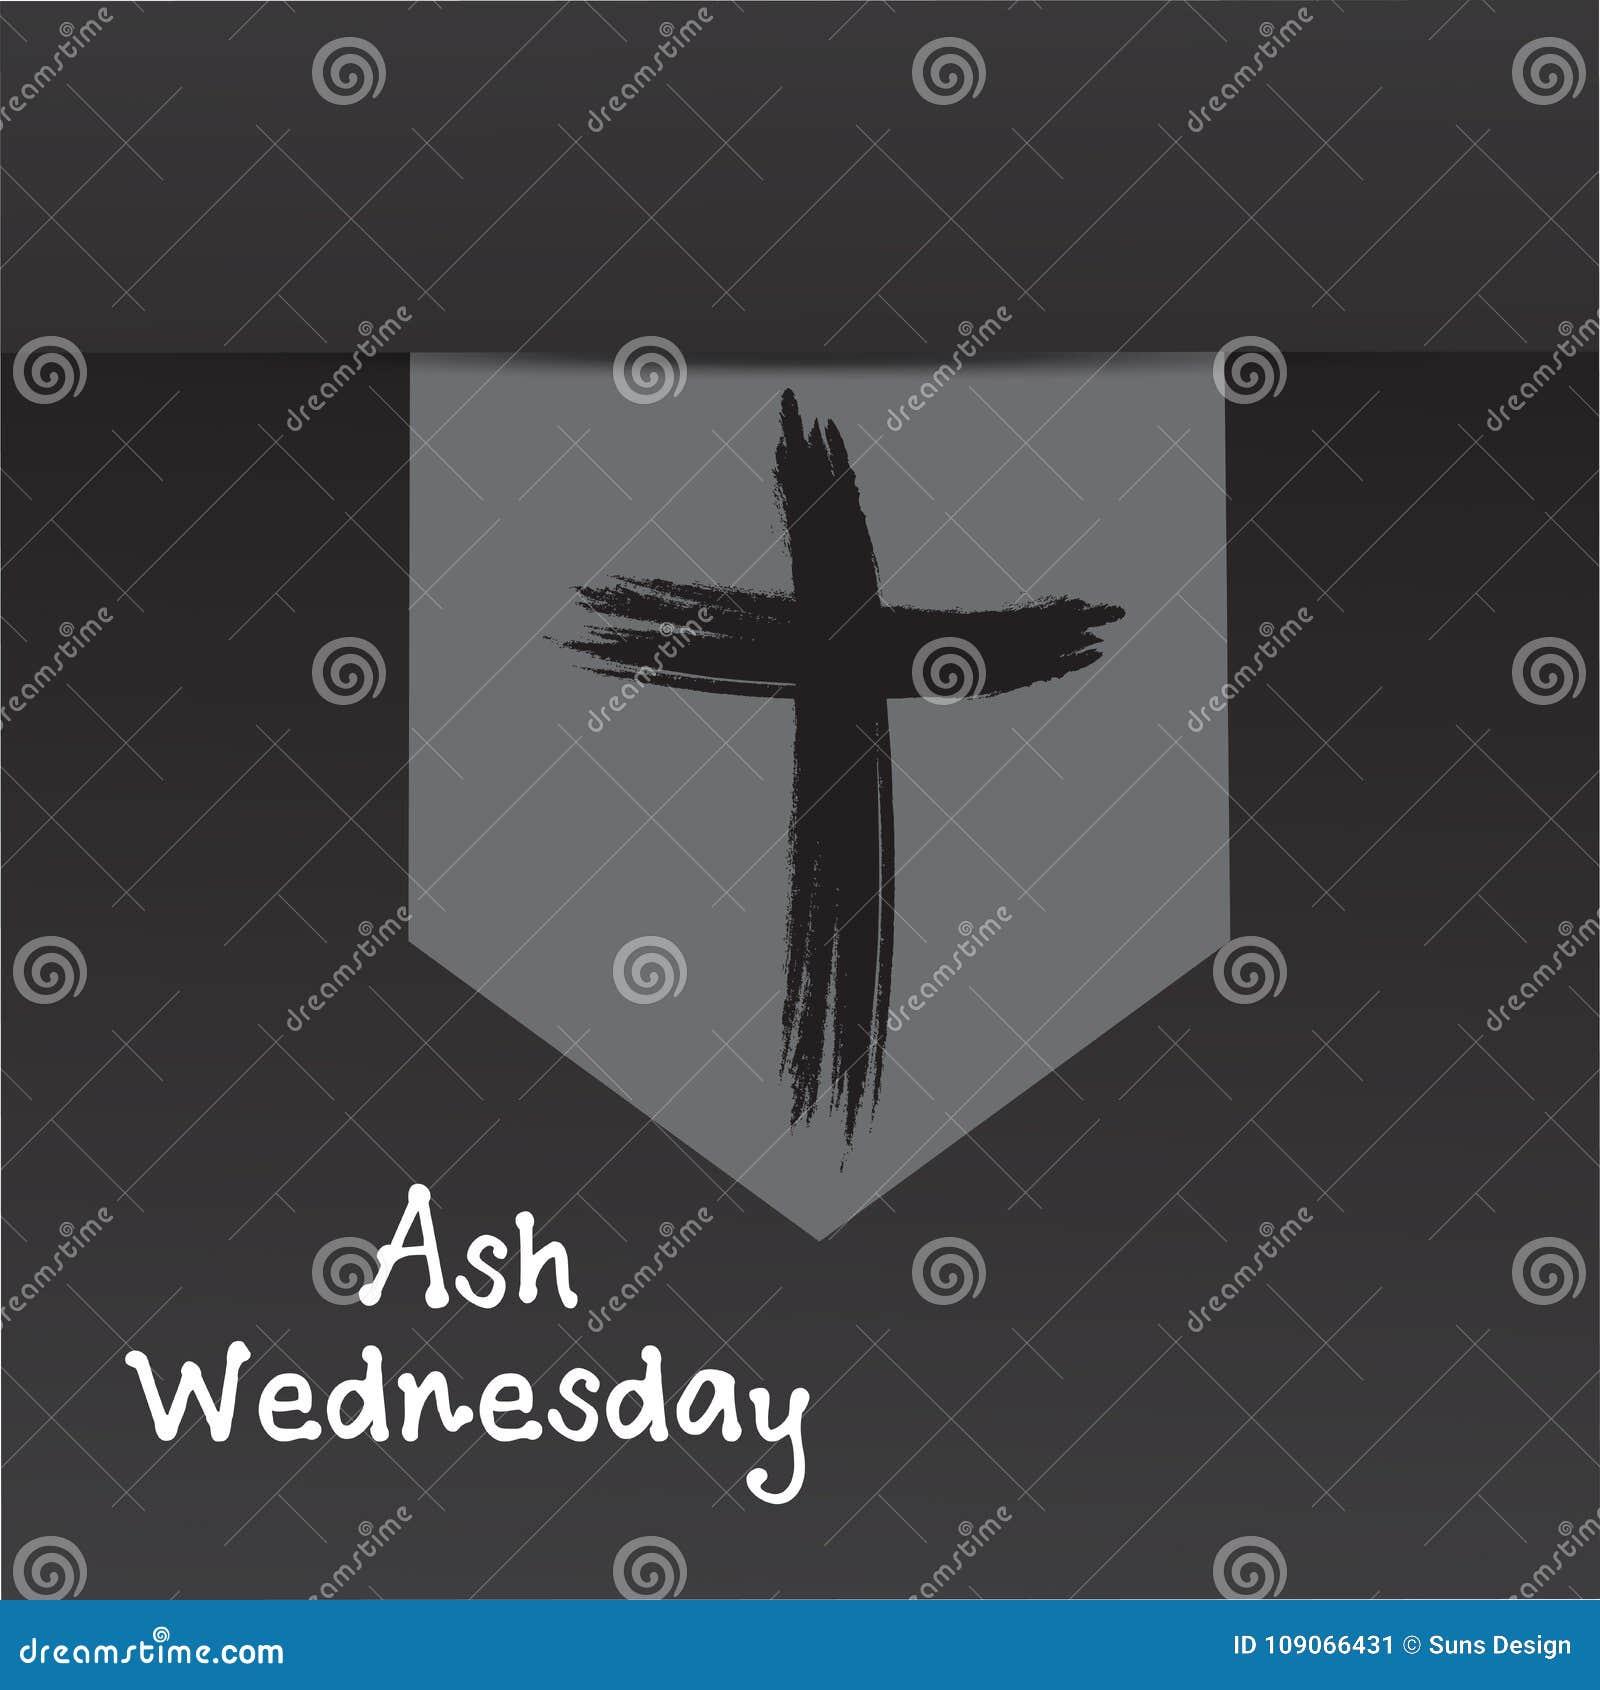 Ash wednesday stock illustration illustration of holy 109066431 ash wednesday holy background buycottarizona Image collections